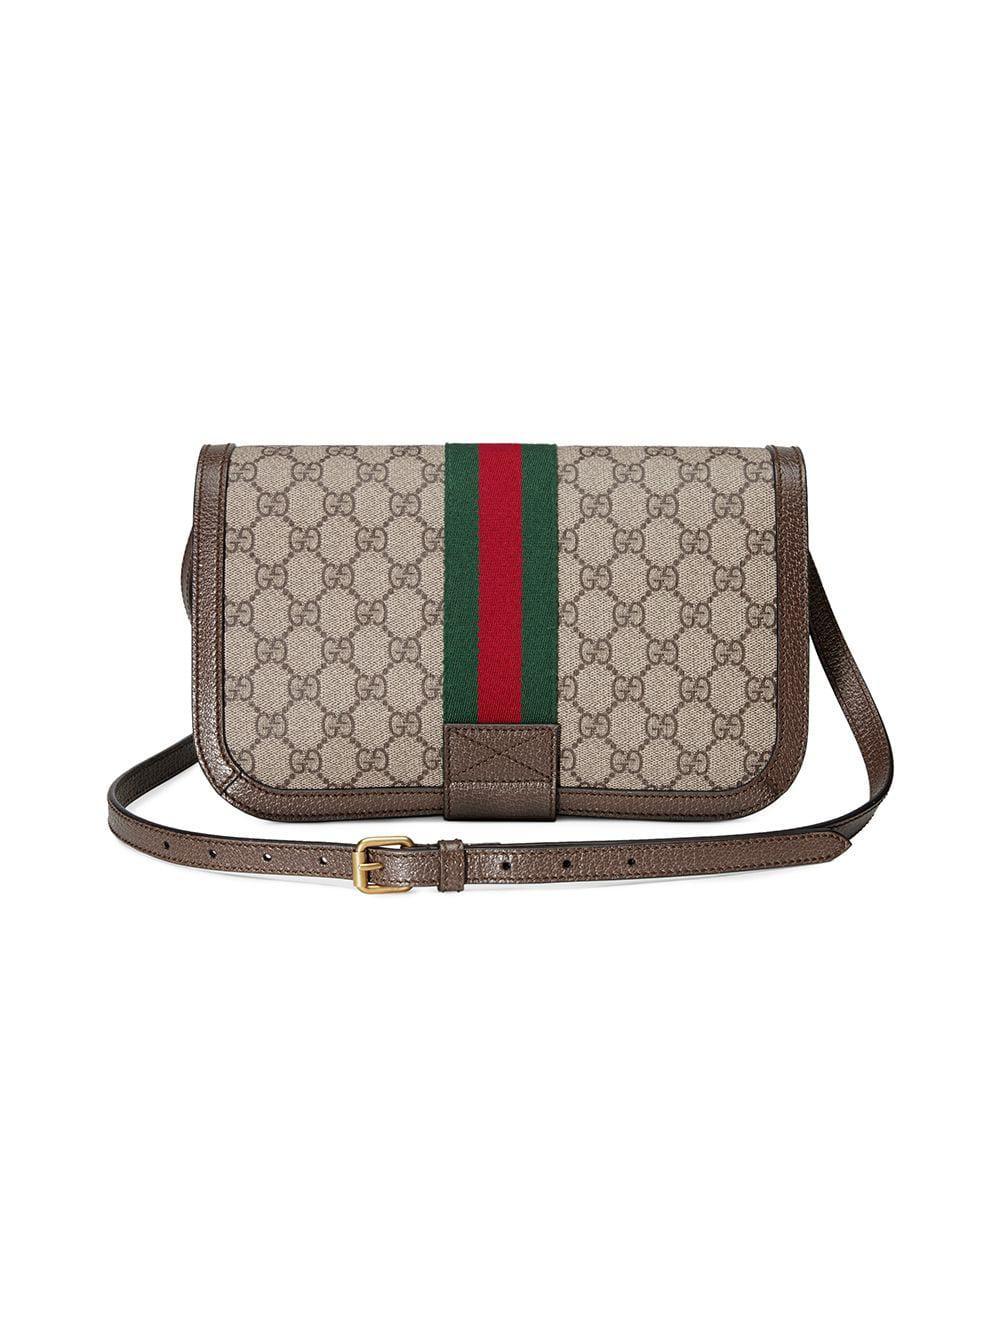 e27e1b4805e3 Gucci Ophidia GG Messenger Bag in Brown - Save 17% - Lyst